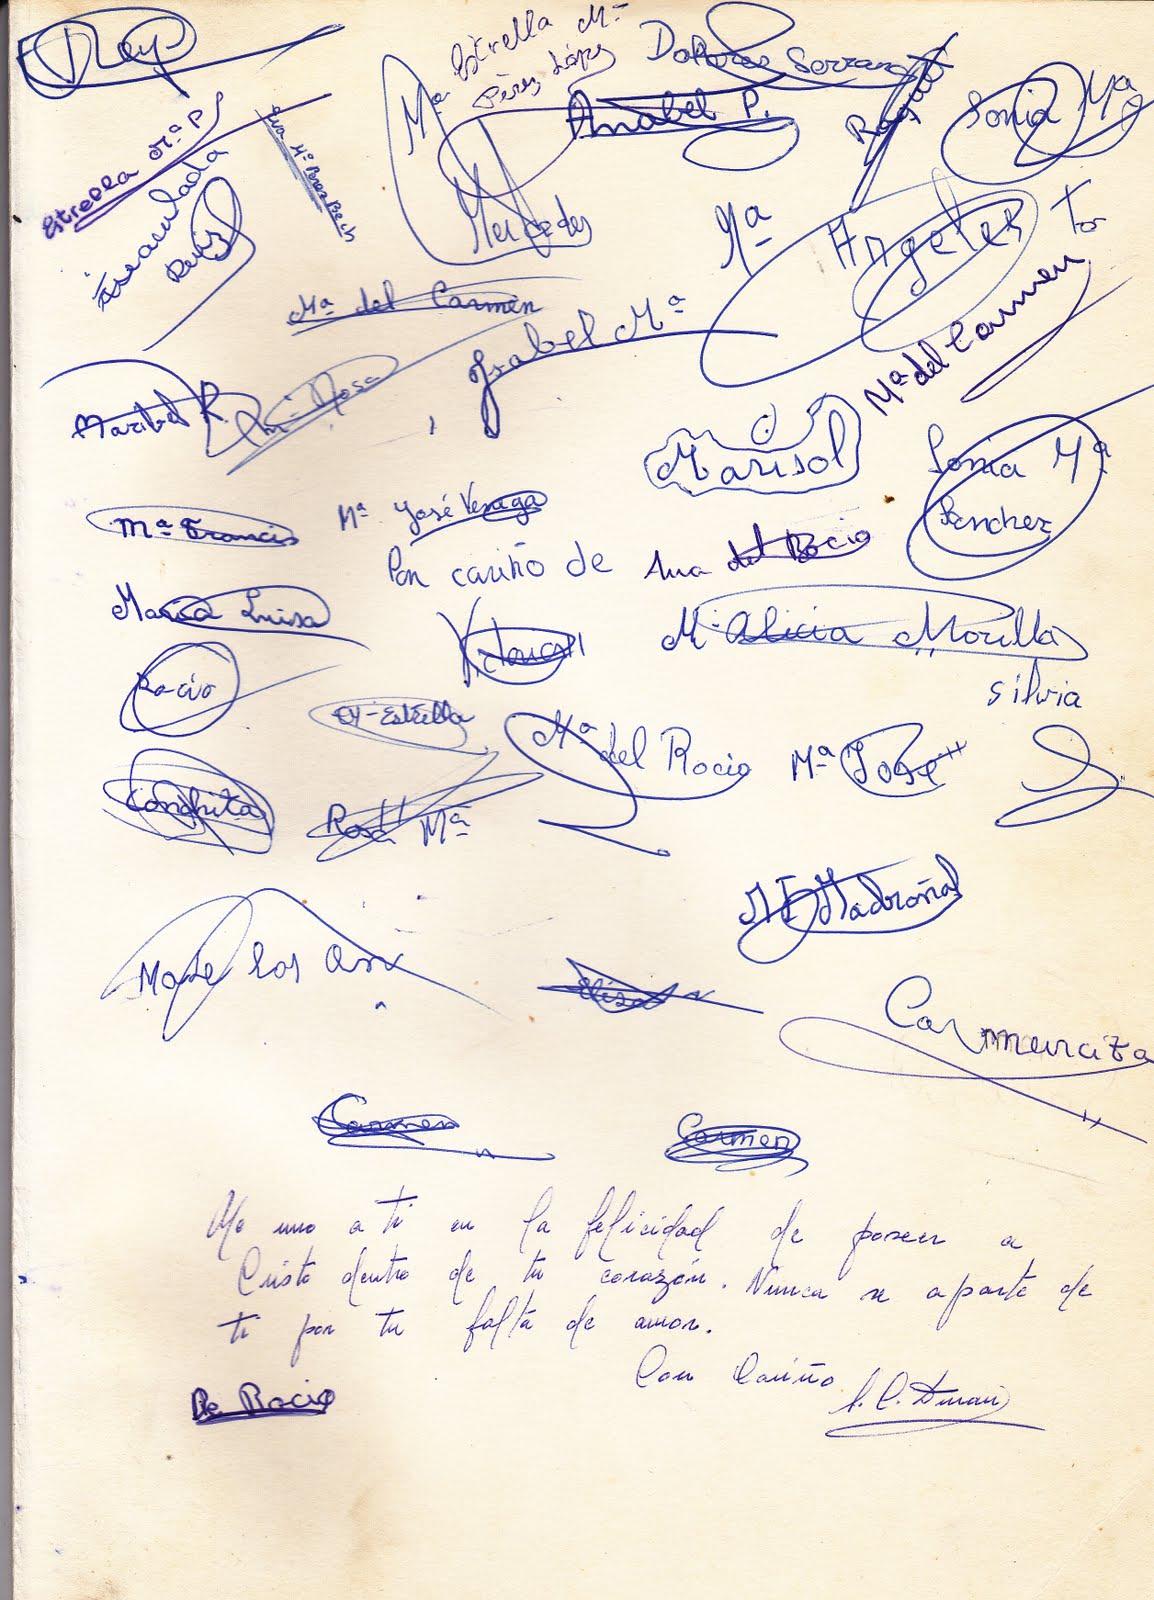 REENCUENTRO DE LAS SALESIANAS DE NERVION DEL 68: Firmas en